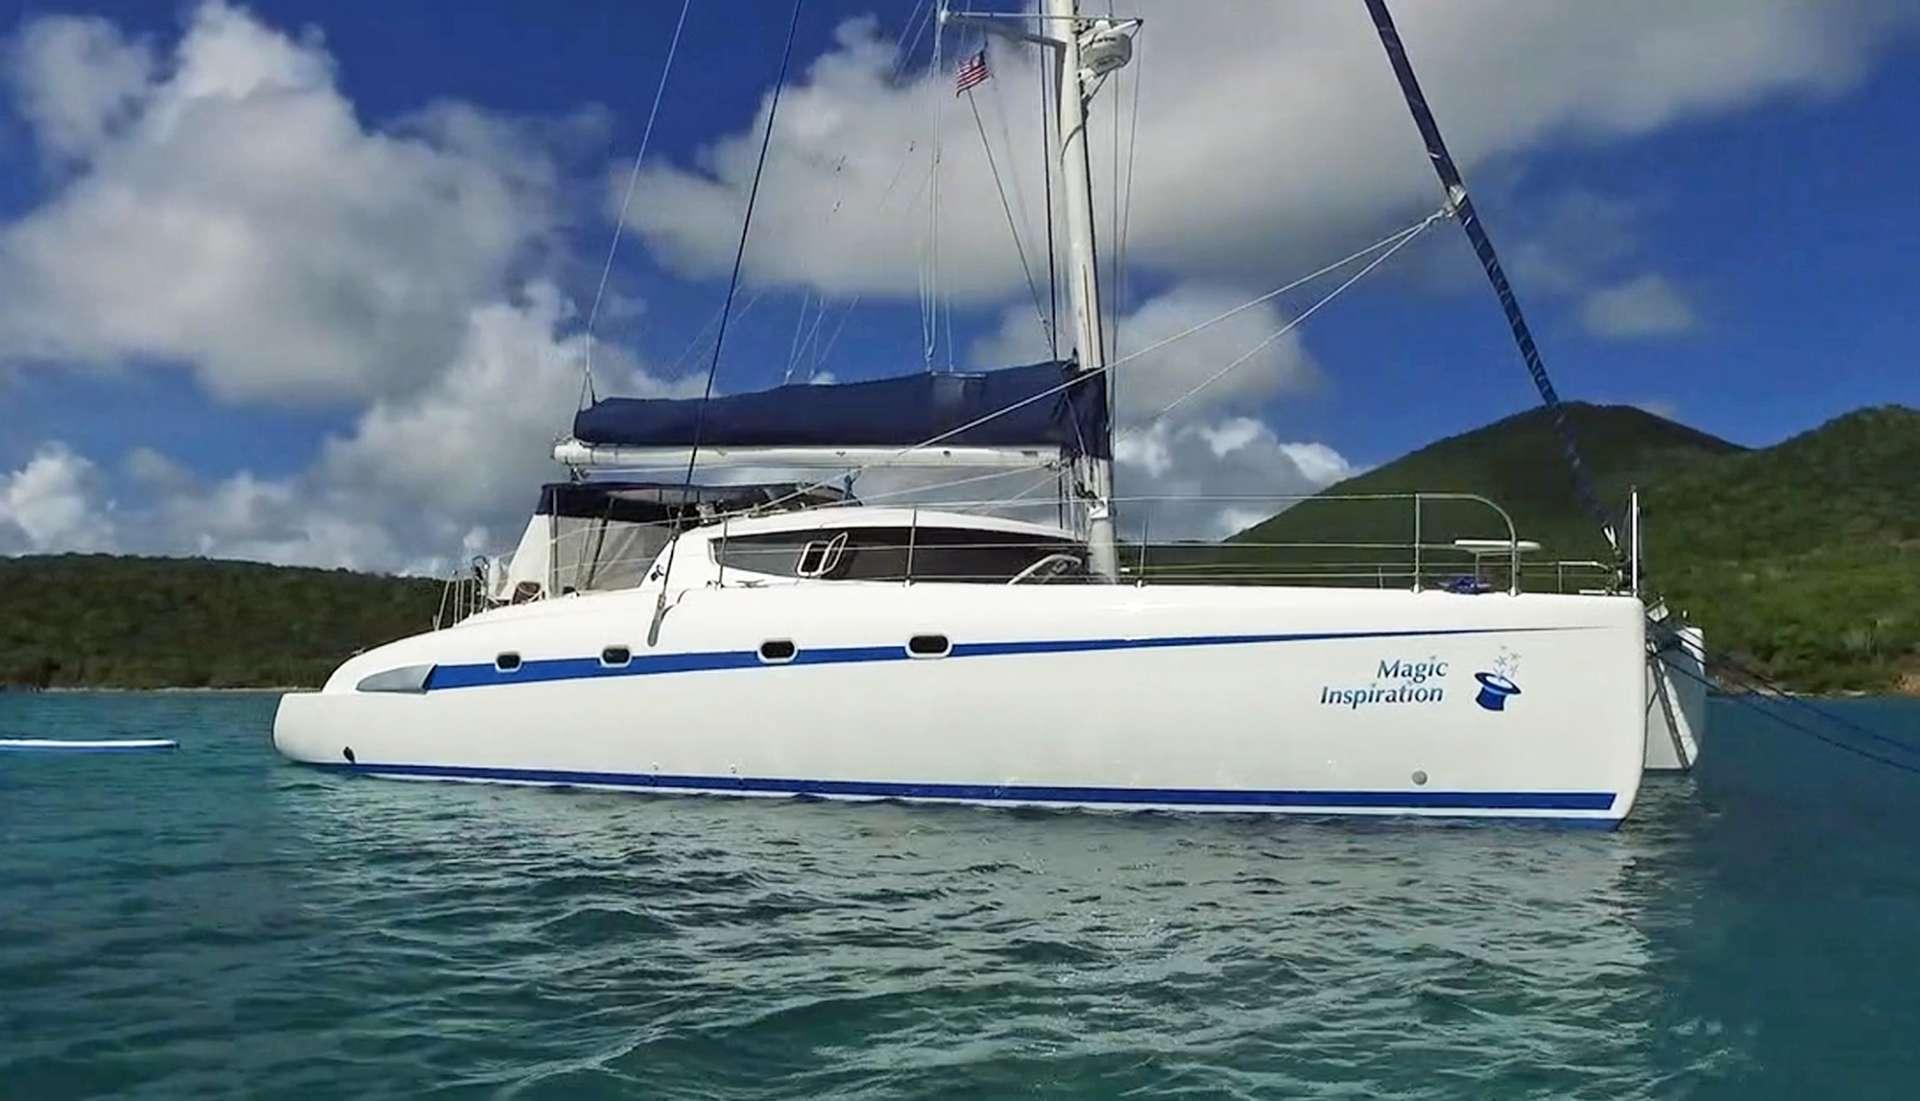 caribbean Windward virgin yachts island